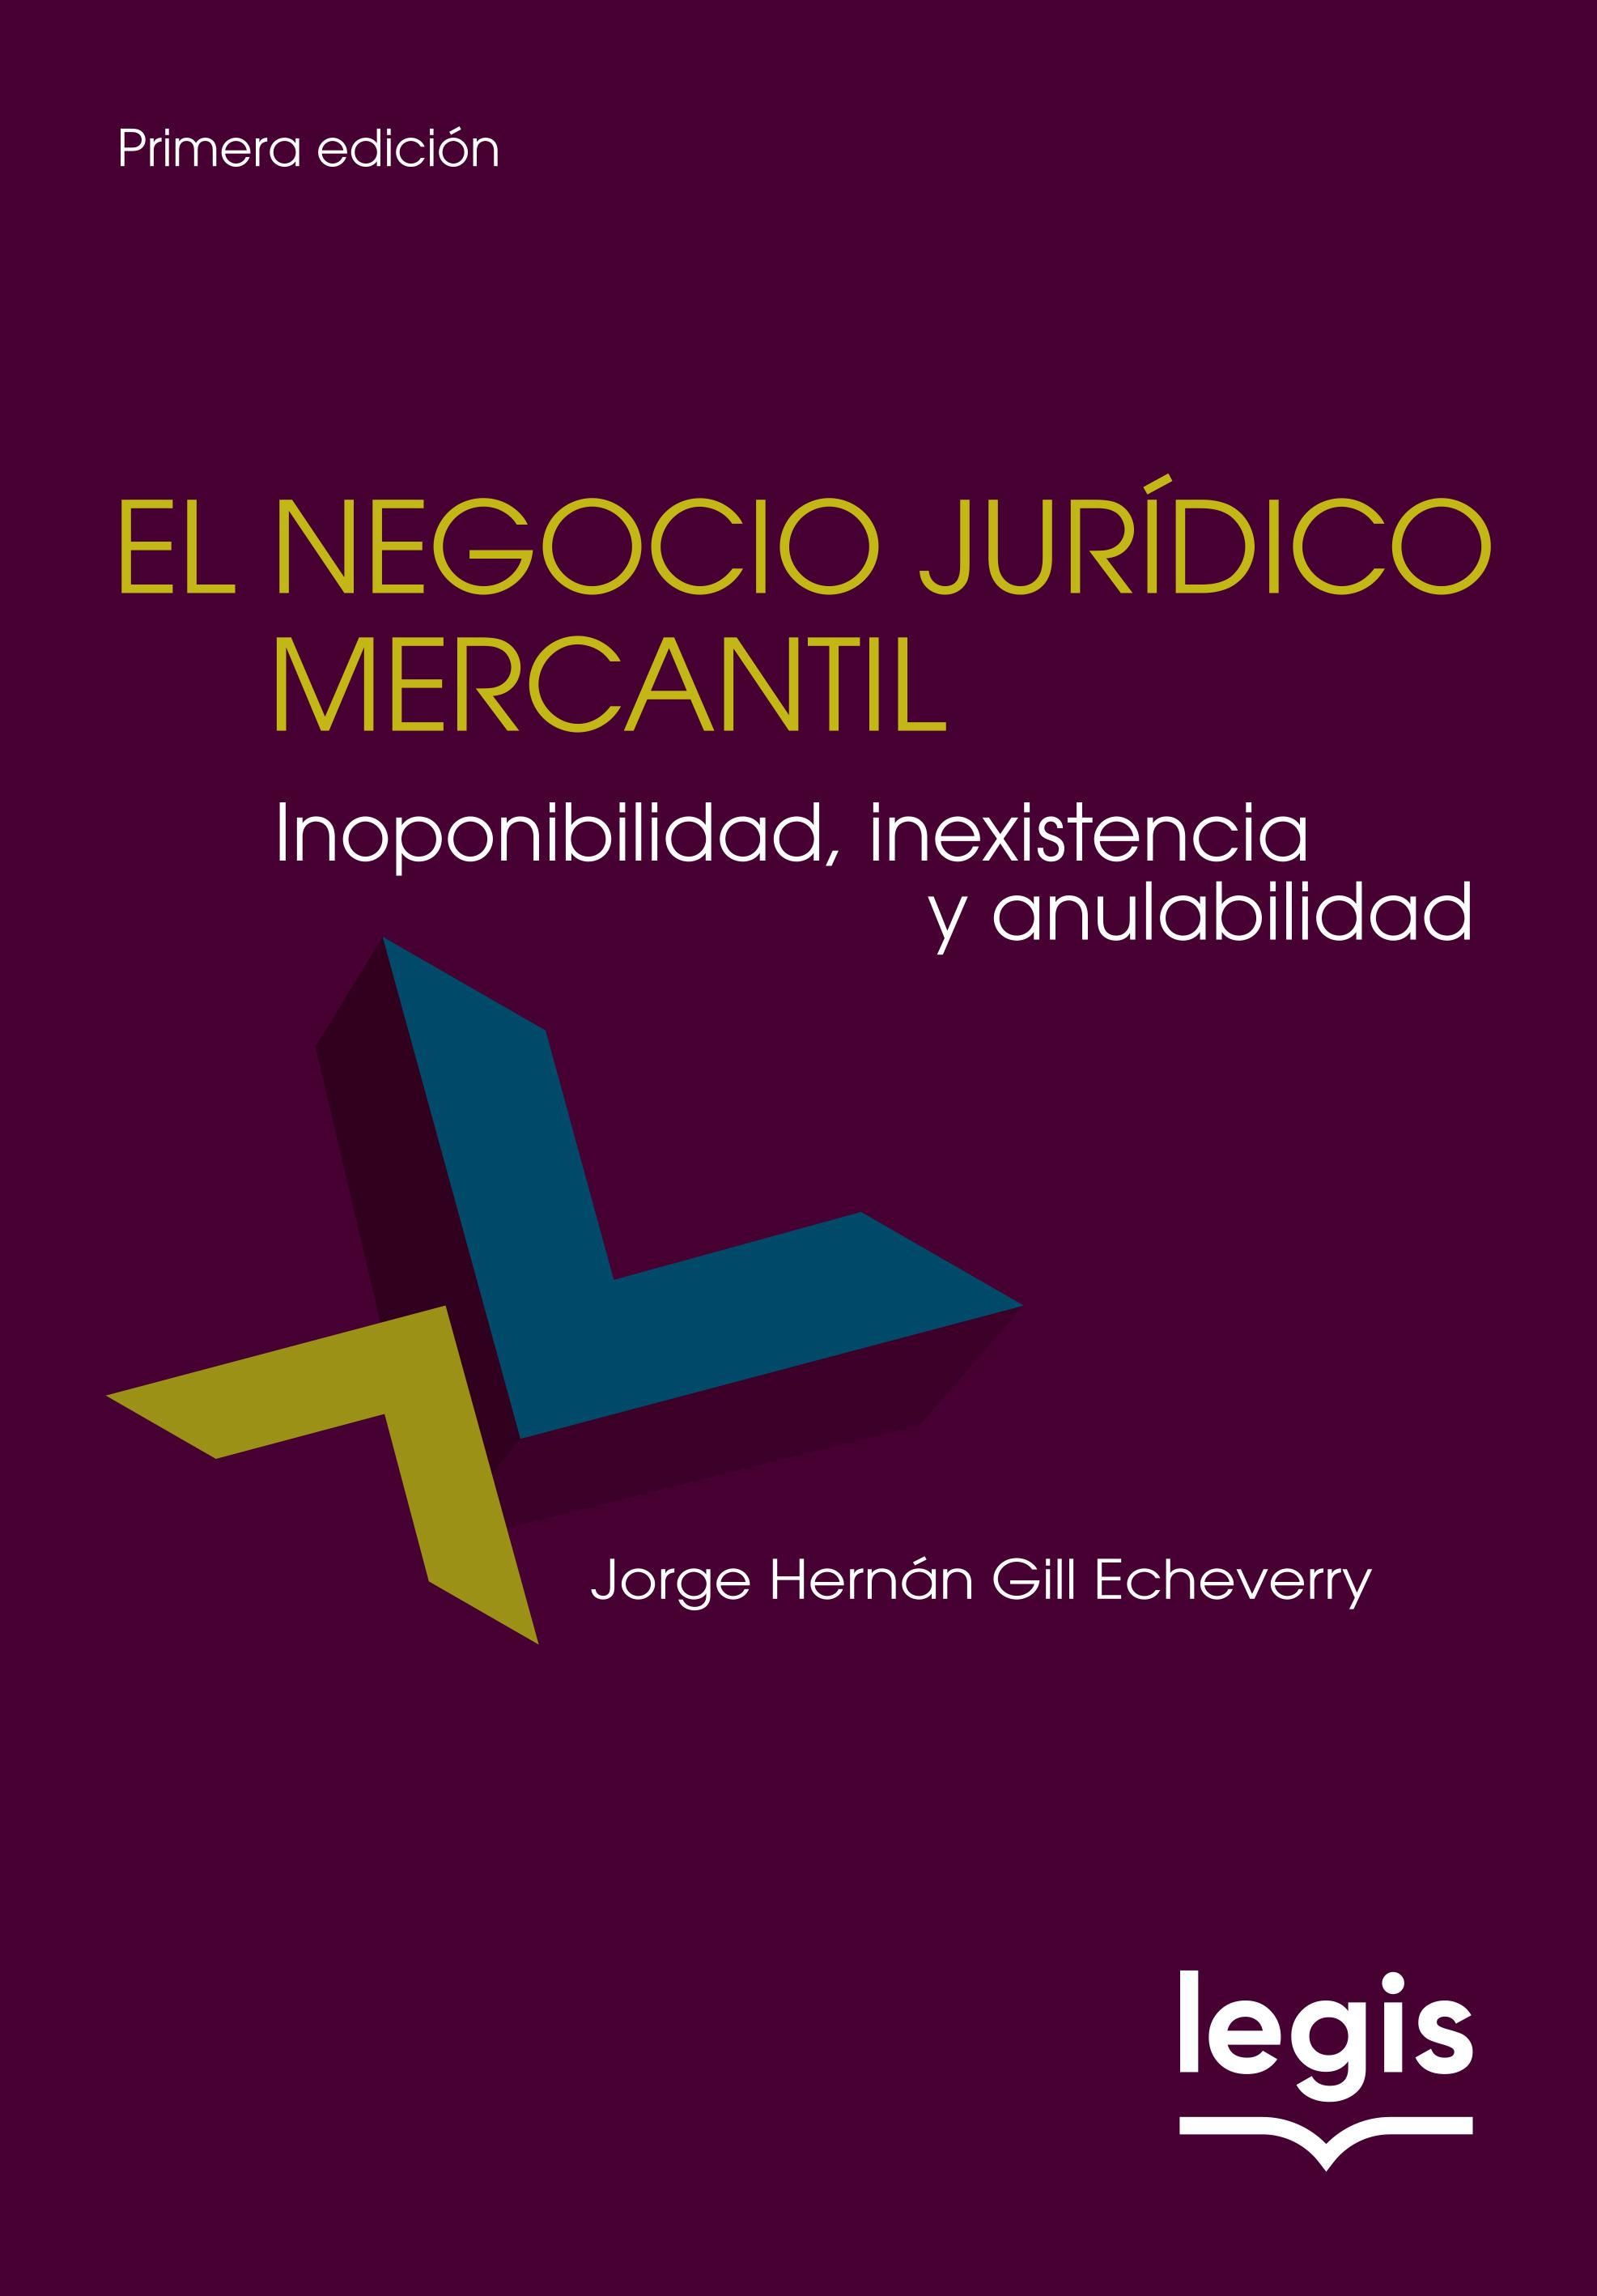 El Negocio Jurídico Mercantil 1a ed